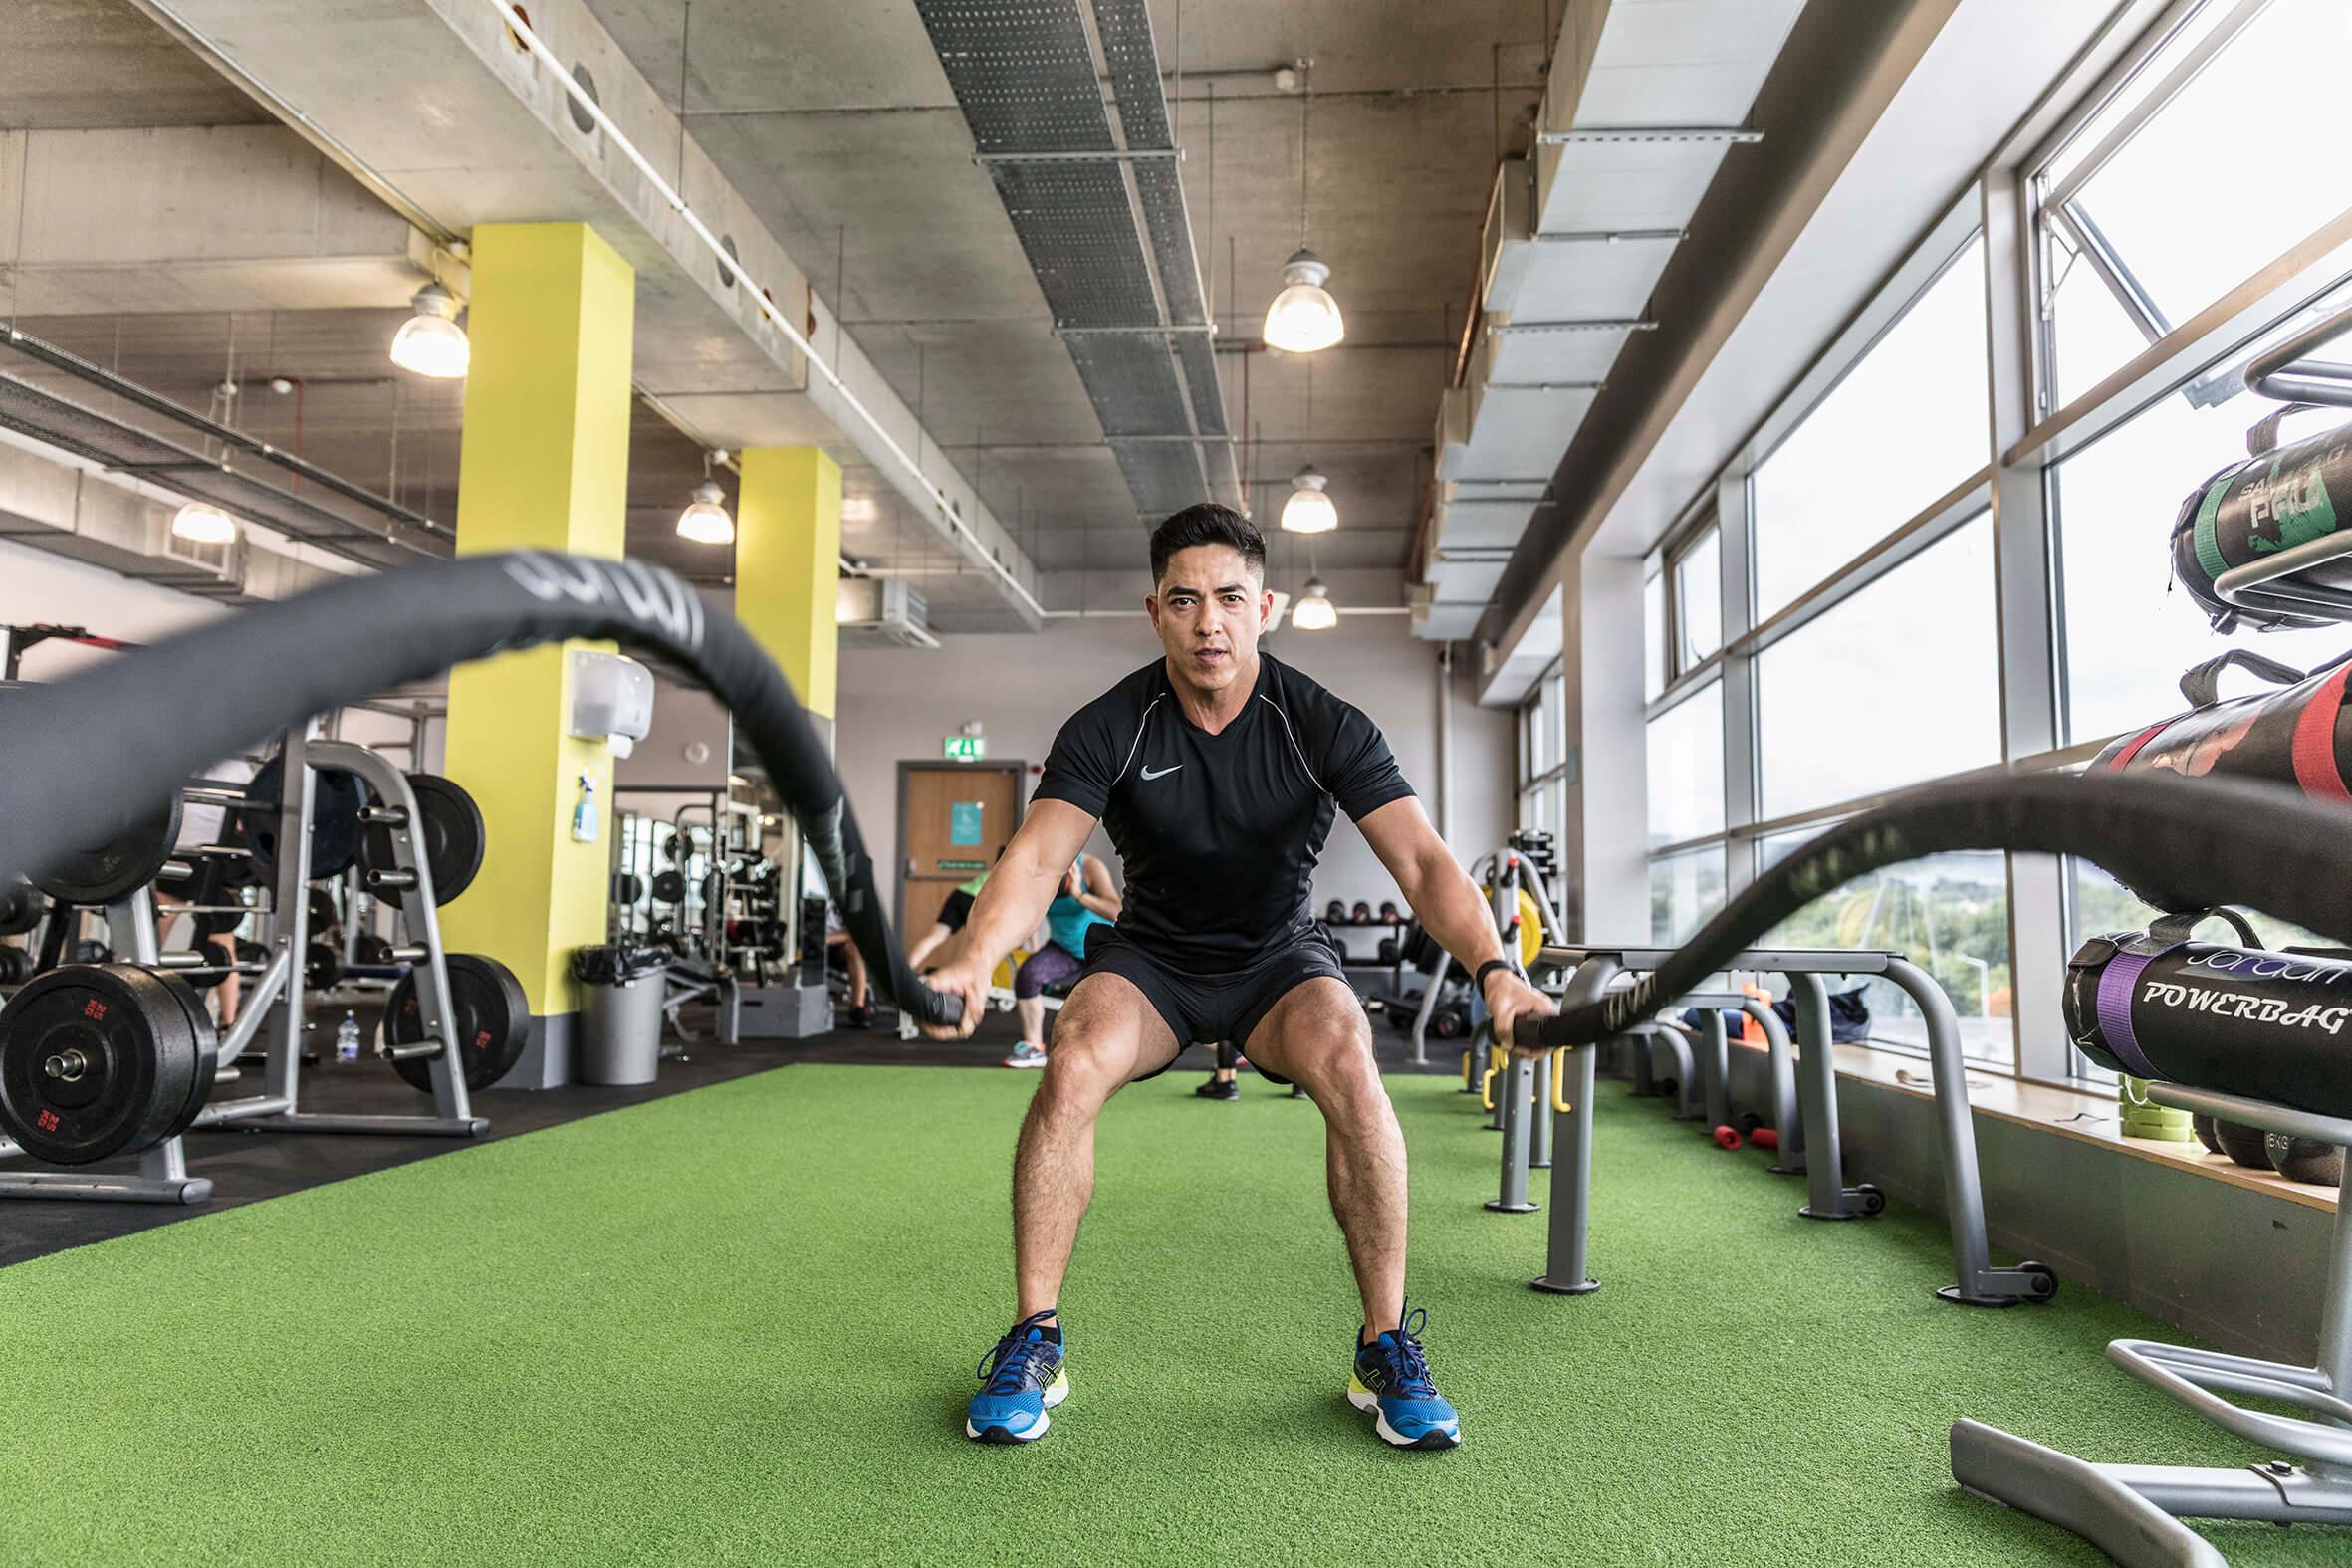 Gym Plus gym